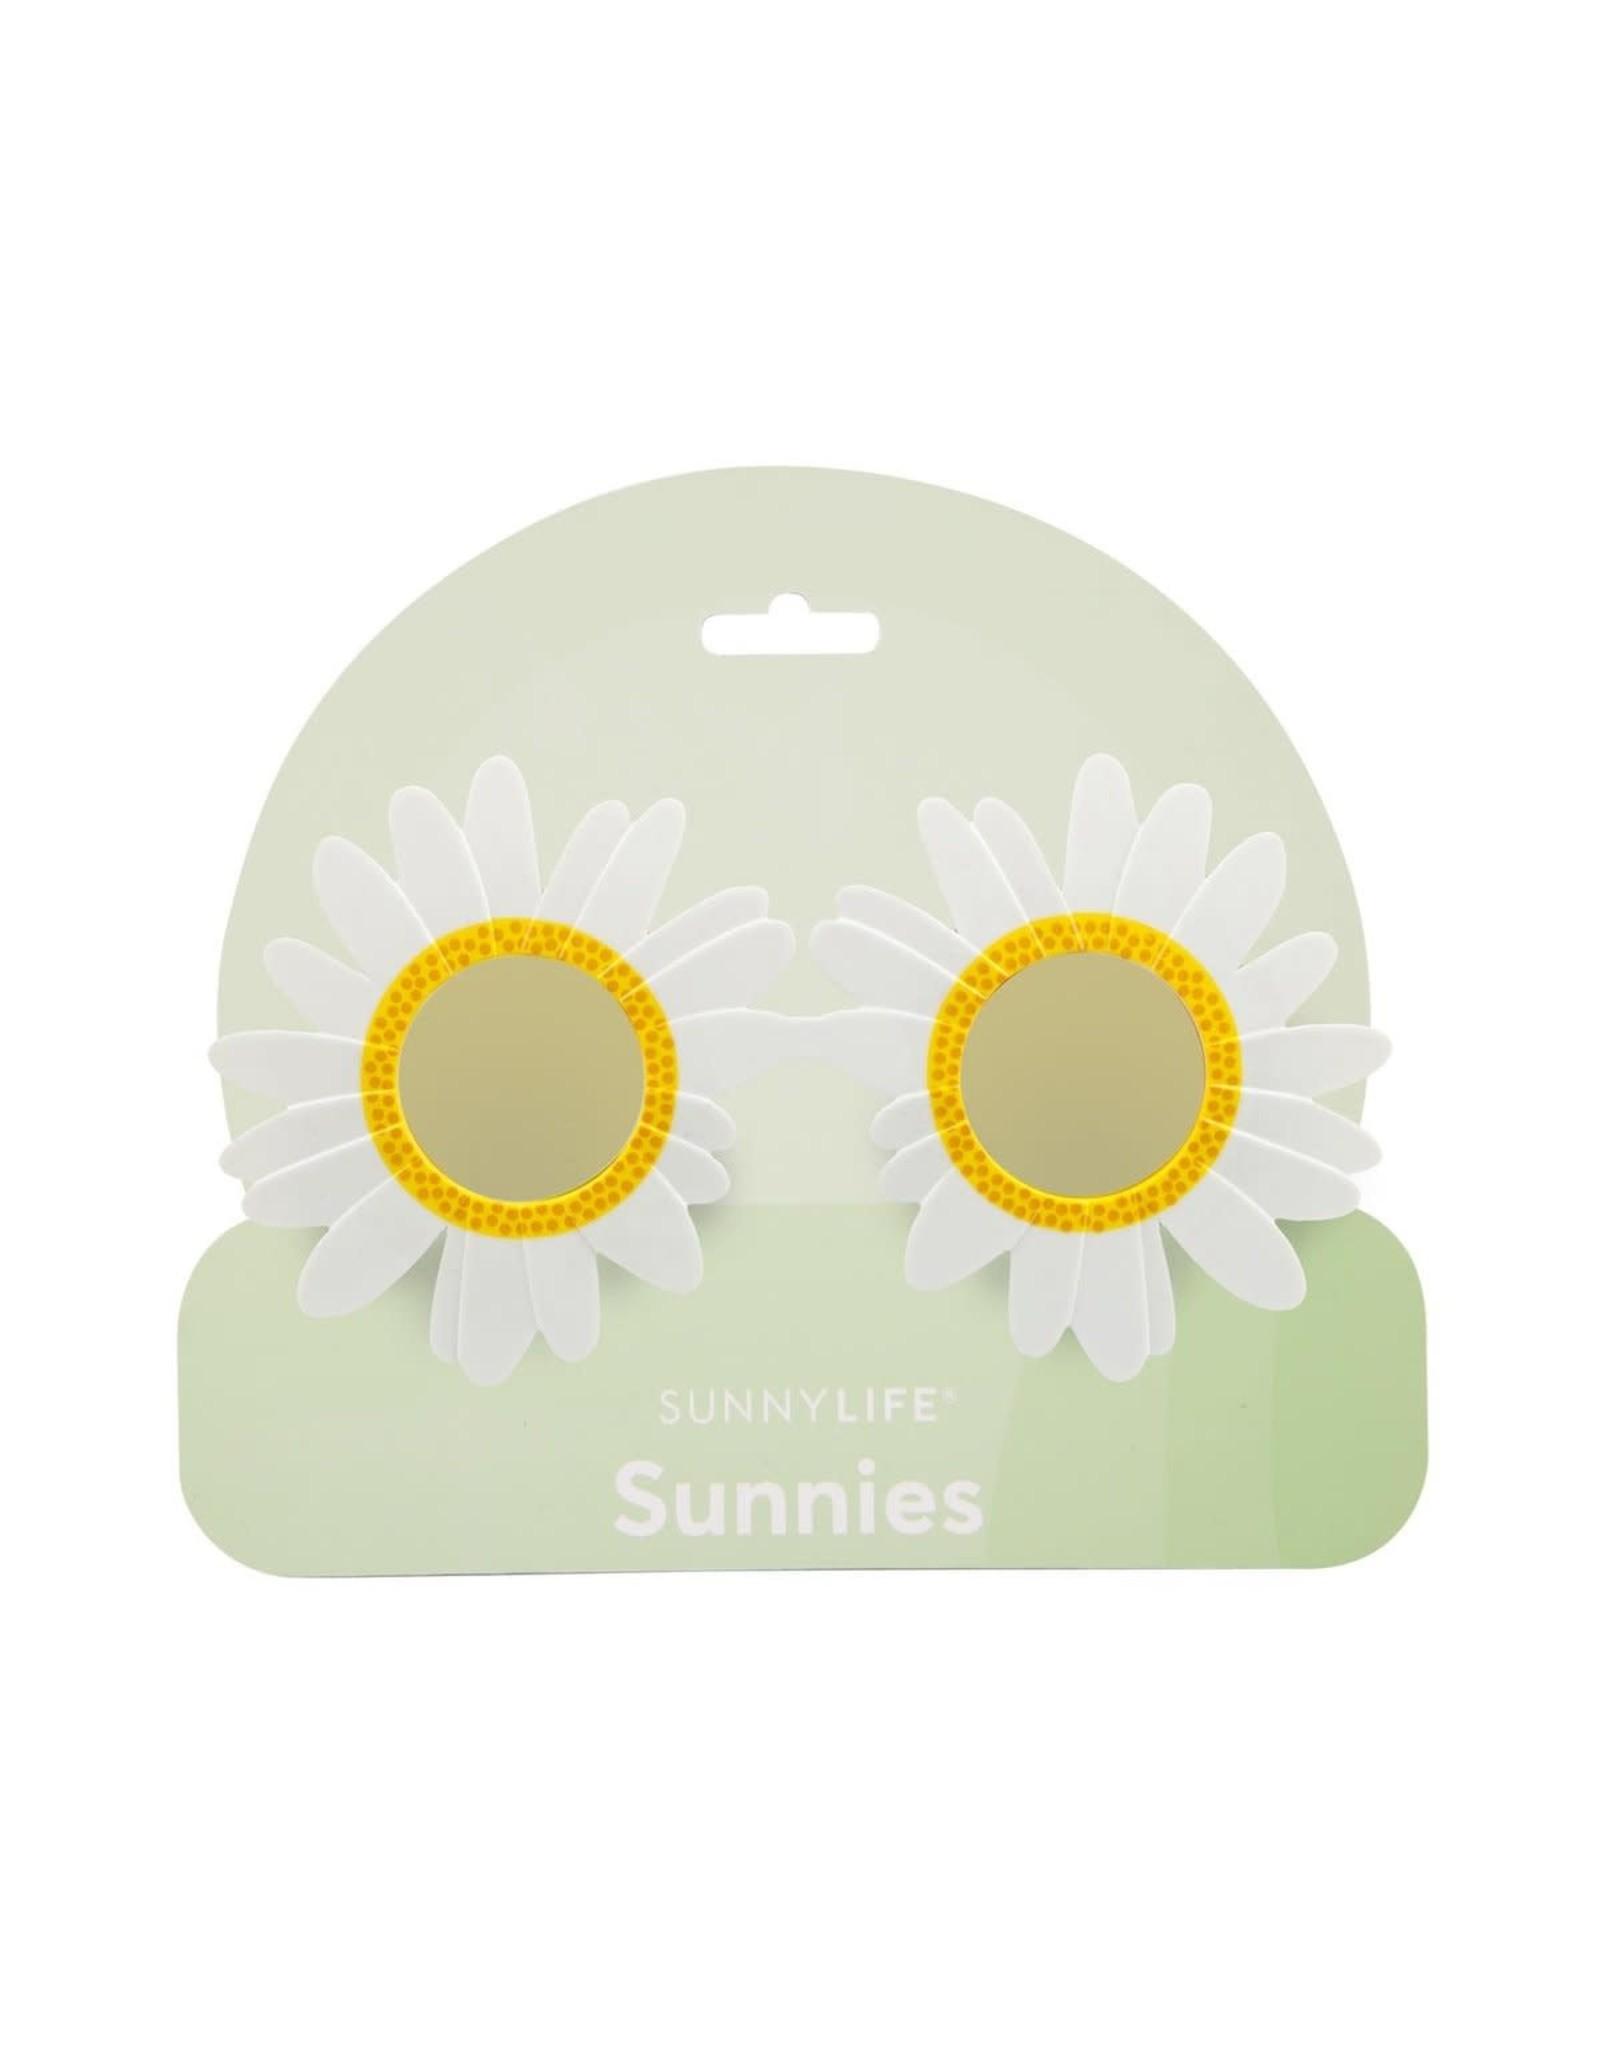 SunnyLife LLC Daisy Sunnies